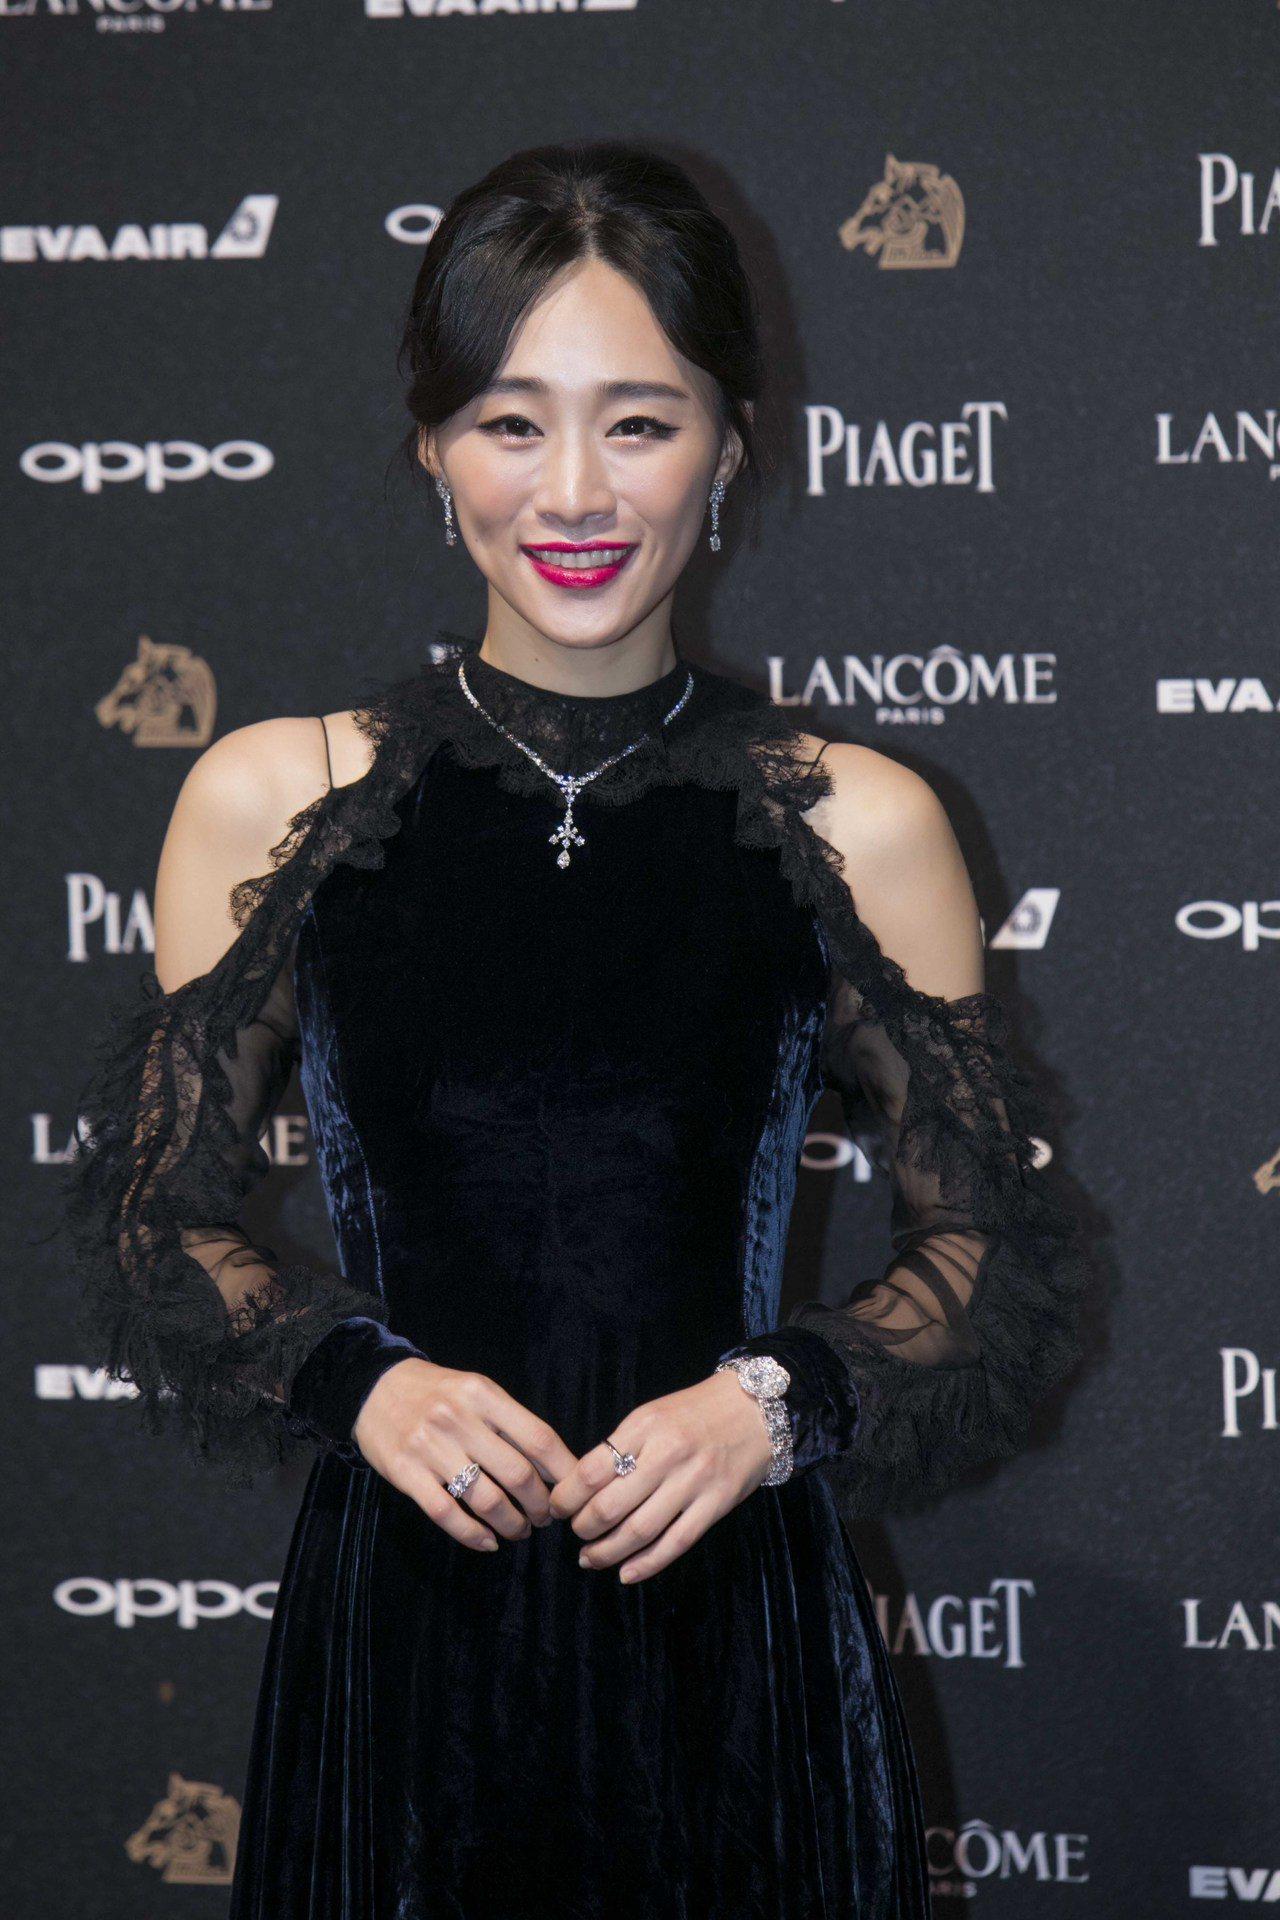 吳可熙妝感充分展現她於戲中扮演的人物特質的魅惑女人味。圖/蘭蔻提供